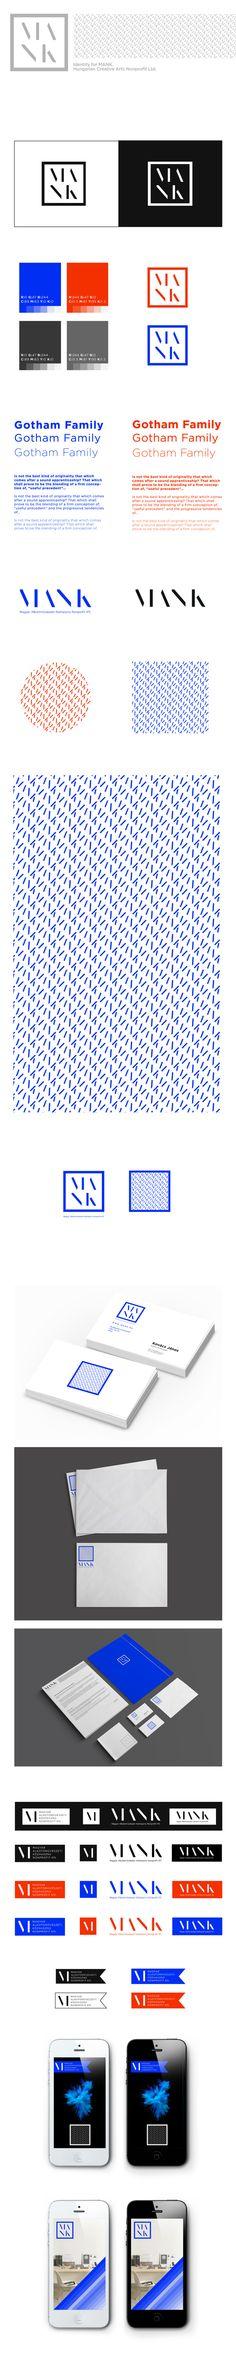 MANK / Hungarian Creative Arts Nonprofit Ltd Identity by Misi Szilágyi, via Behance